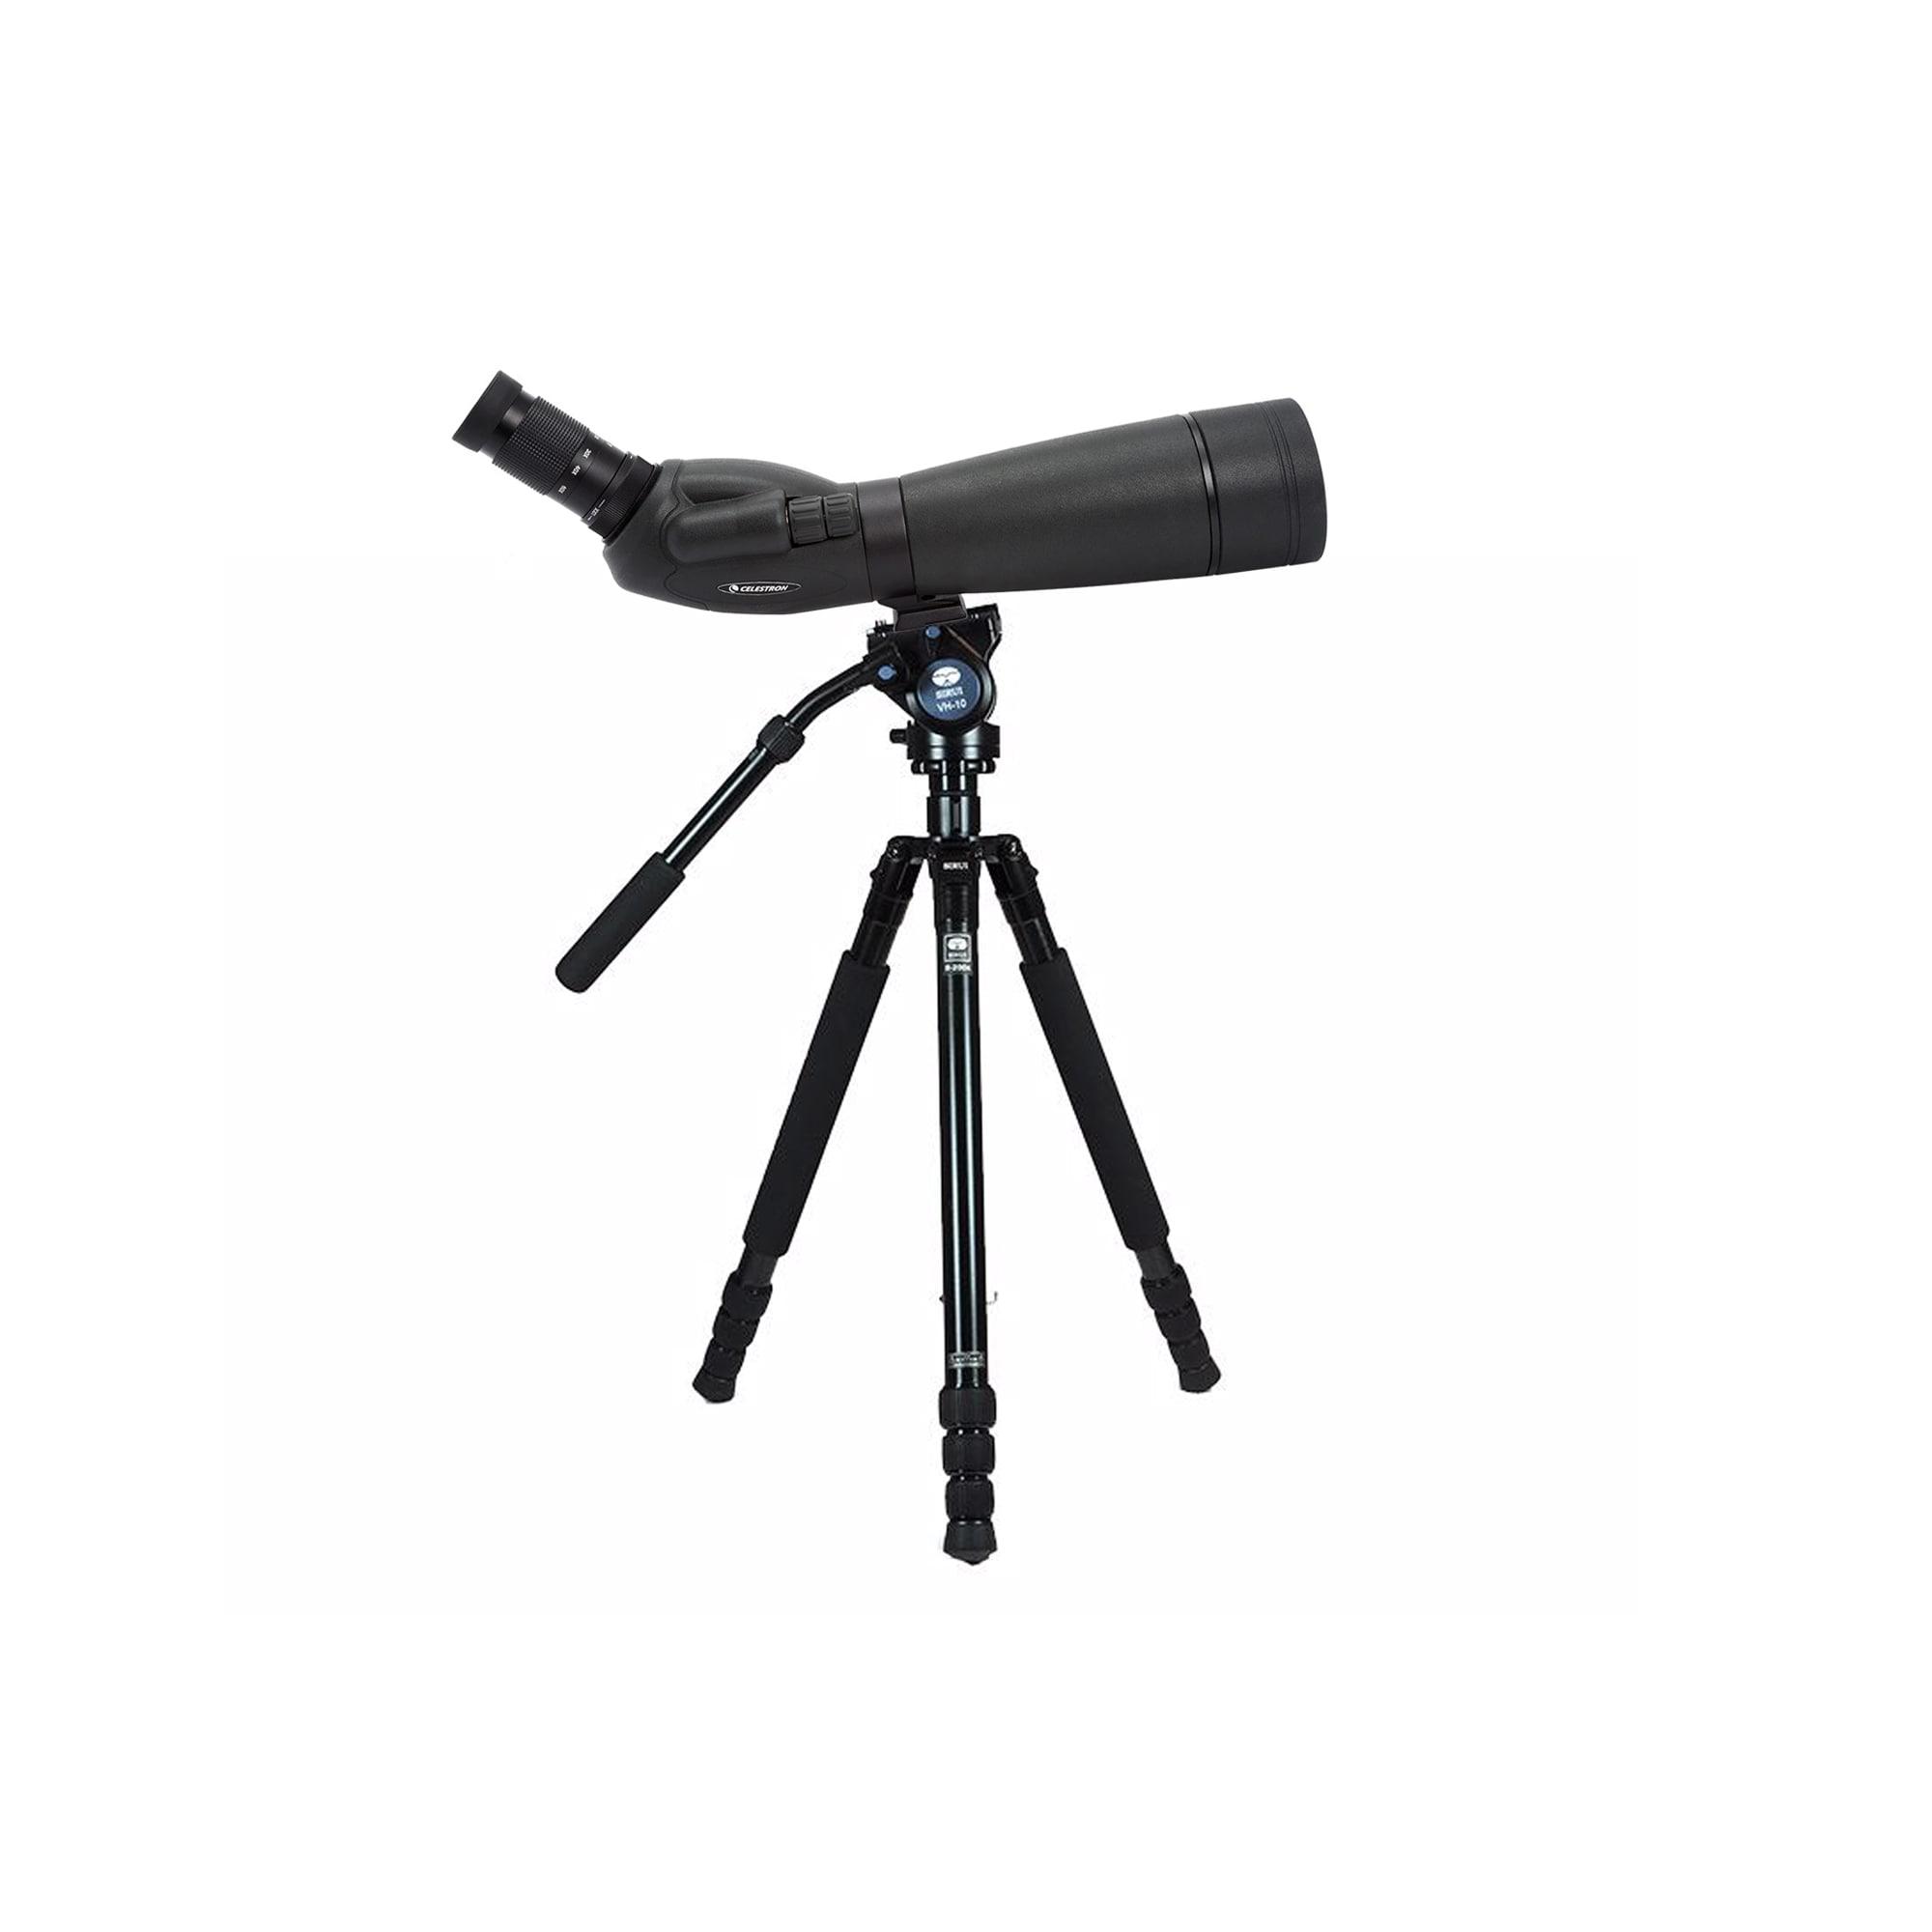 Celestron Trailseeker 20-60x80 Inkl. Sirui R-2004+VH-10